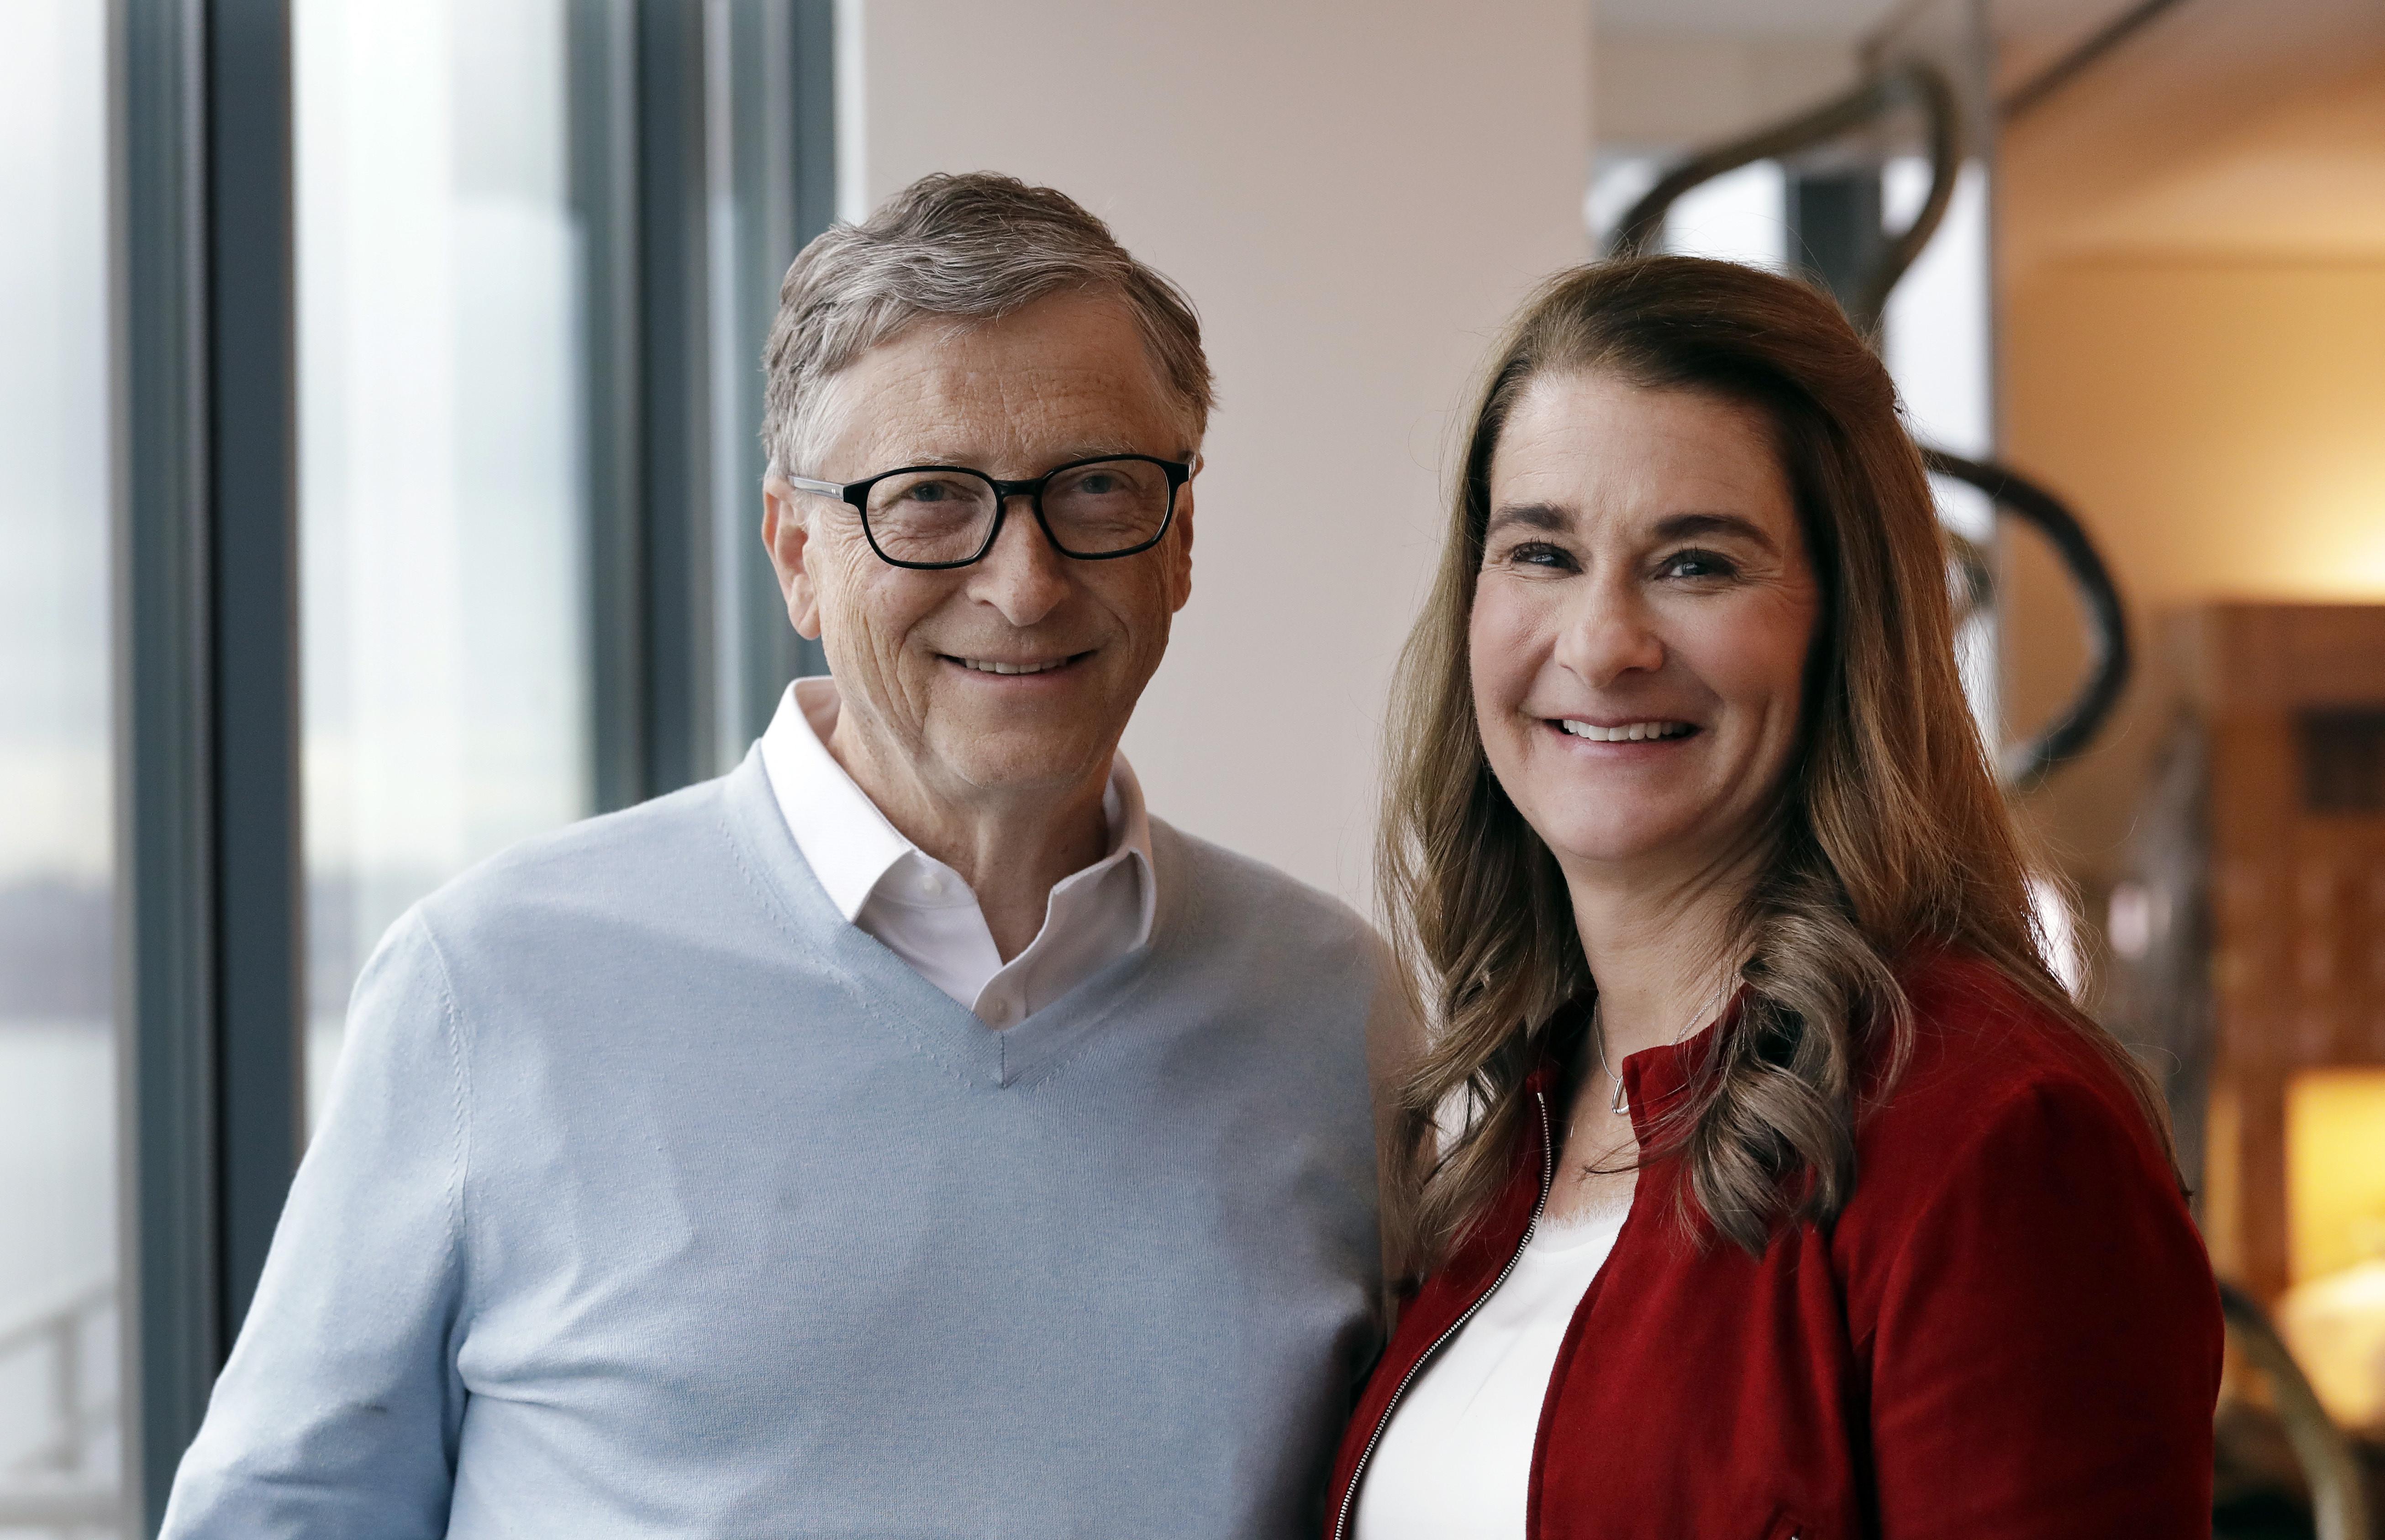 ▲▼比爾蓋茲(Bill Gates),梅林達(Melinda Gates)。(圖/達志影像/美聯社)